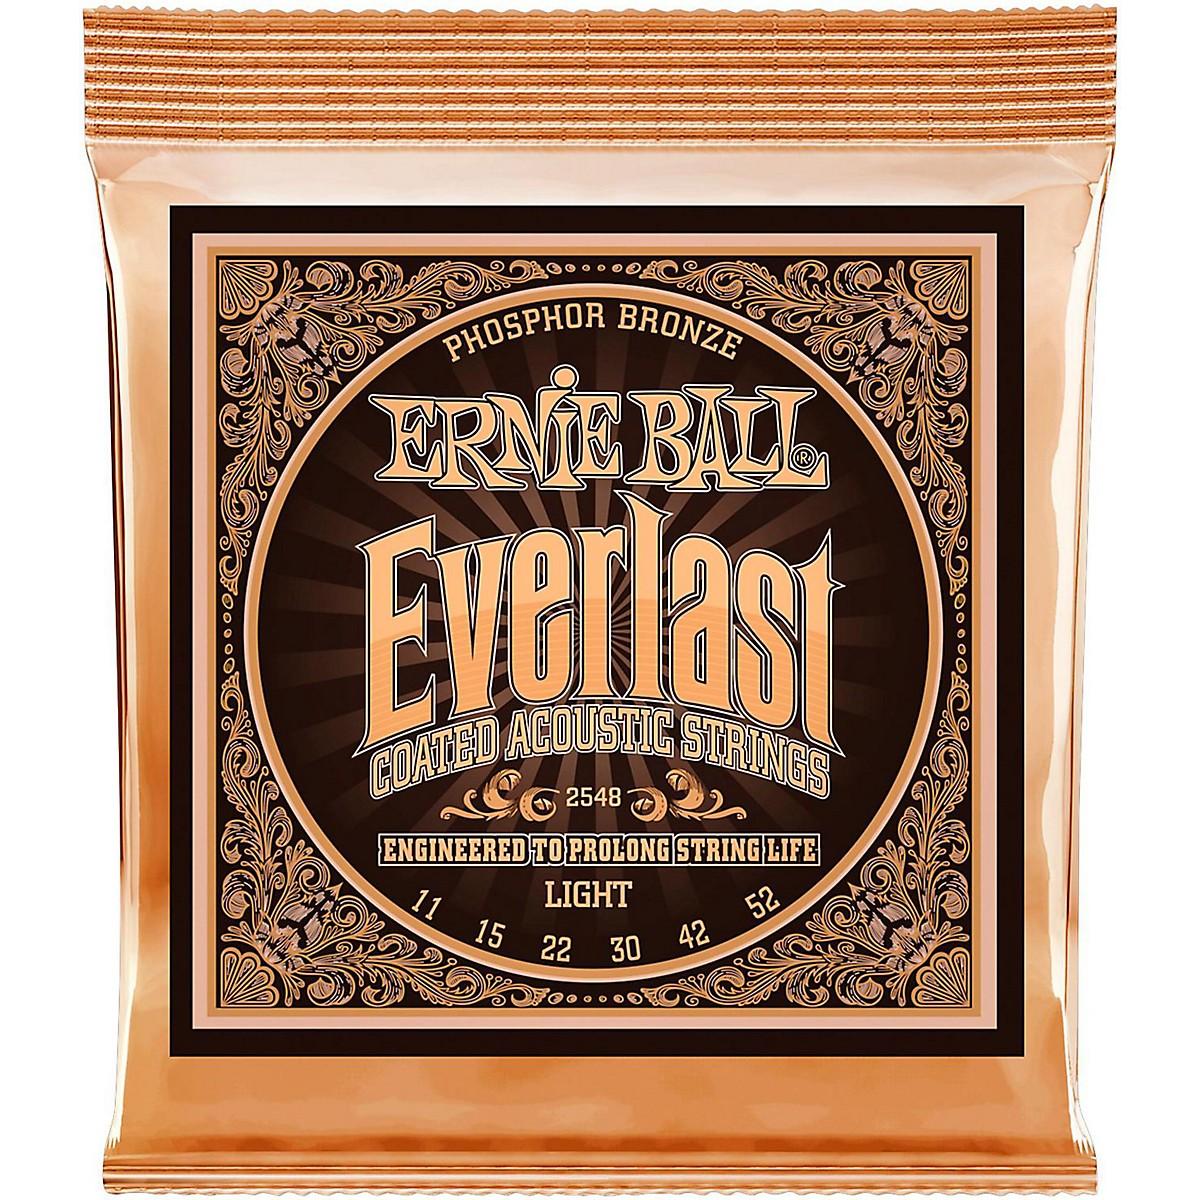 Ernie Ball 2548 Everlast Phosphor Light Acoustic Guitar Strings